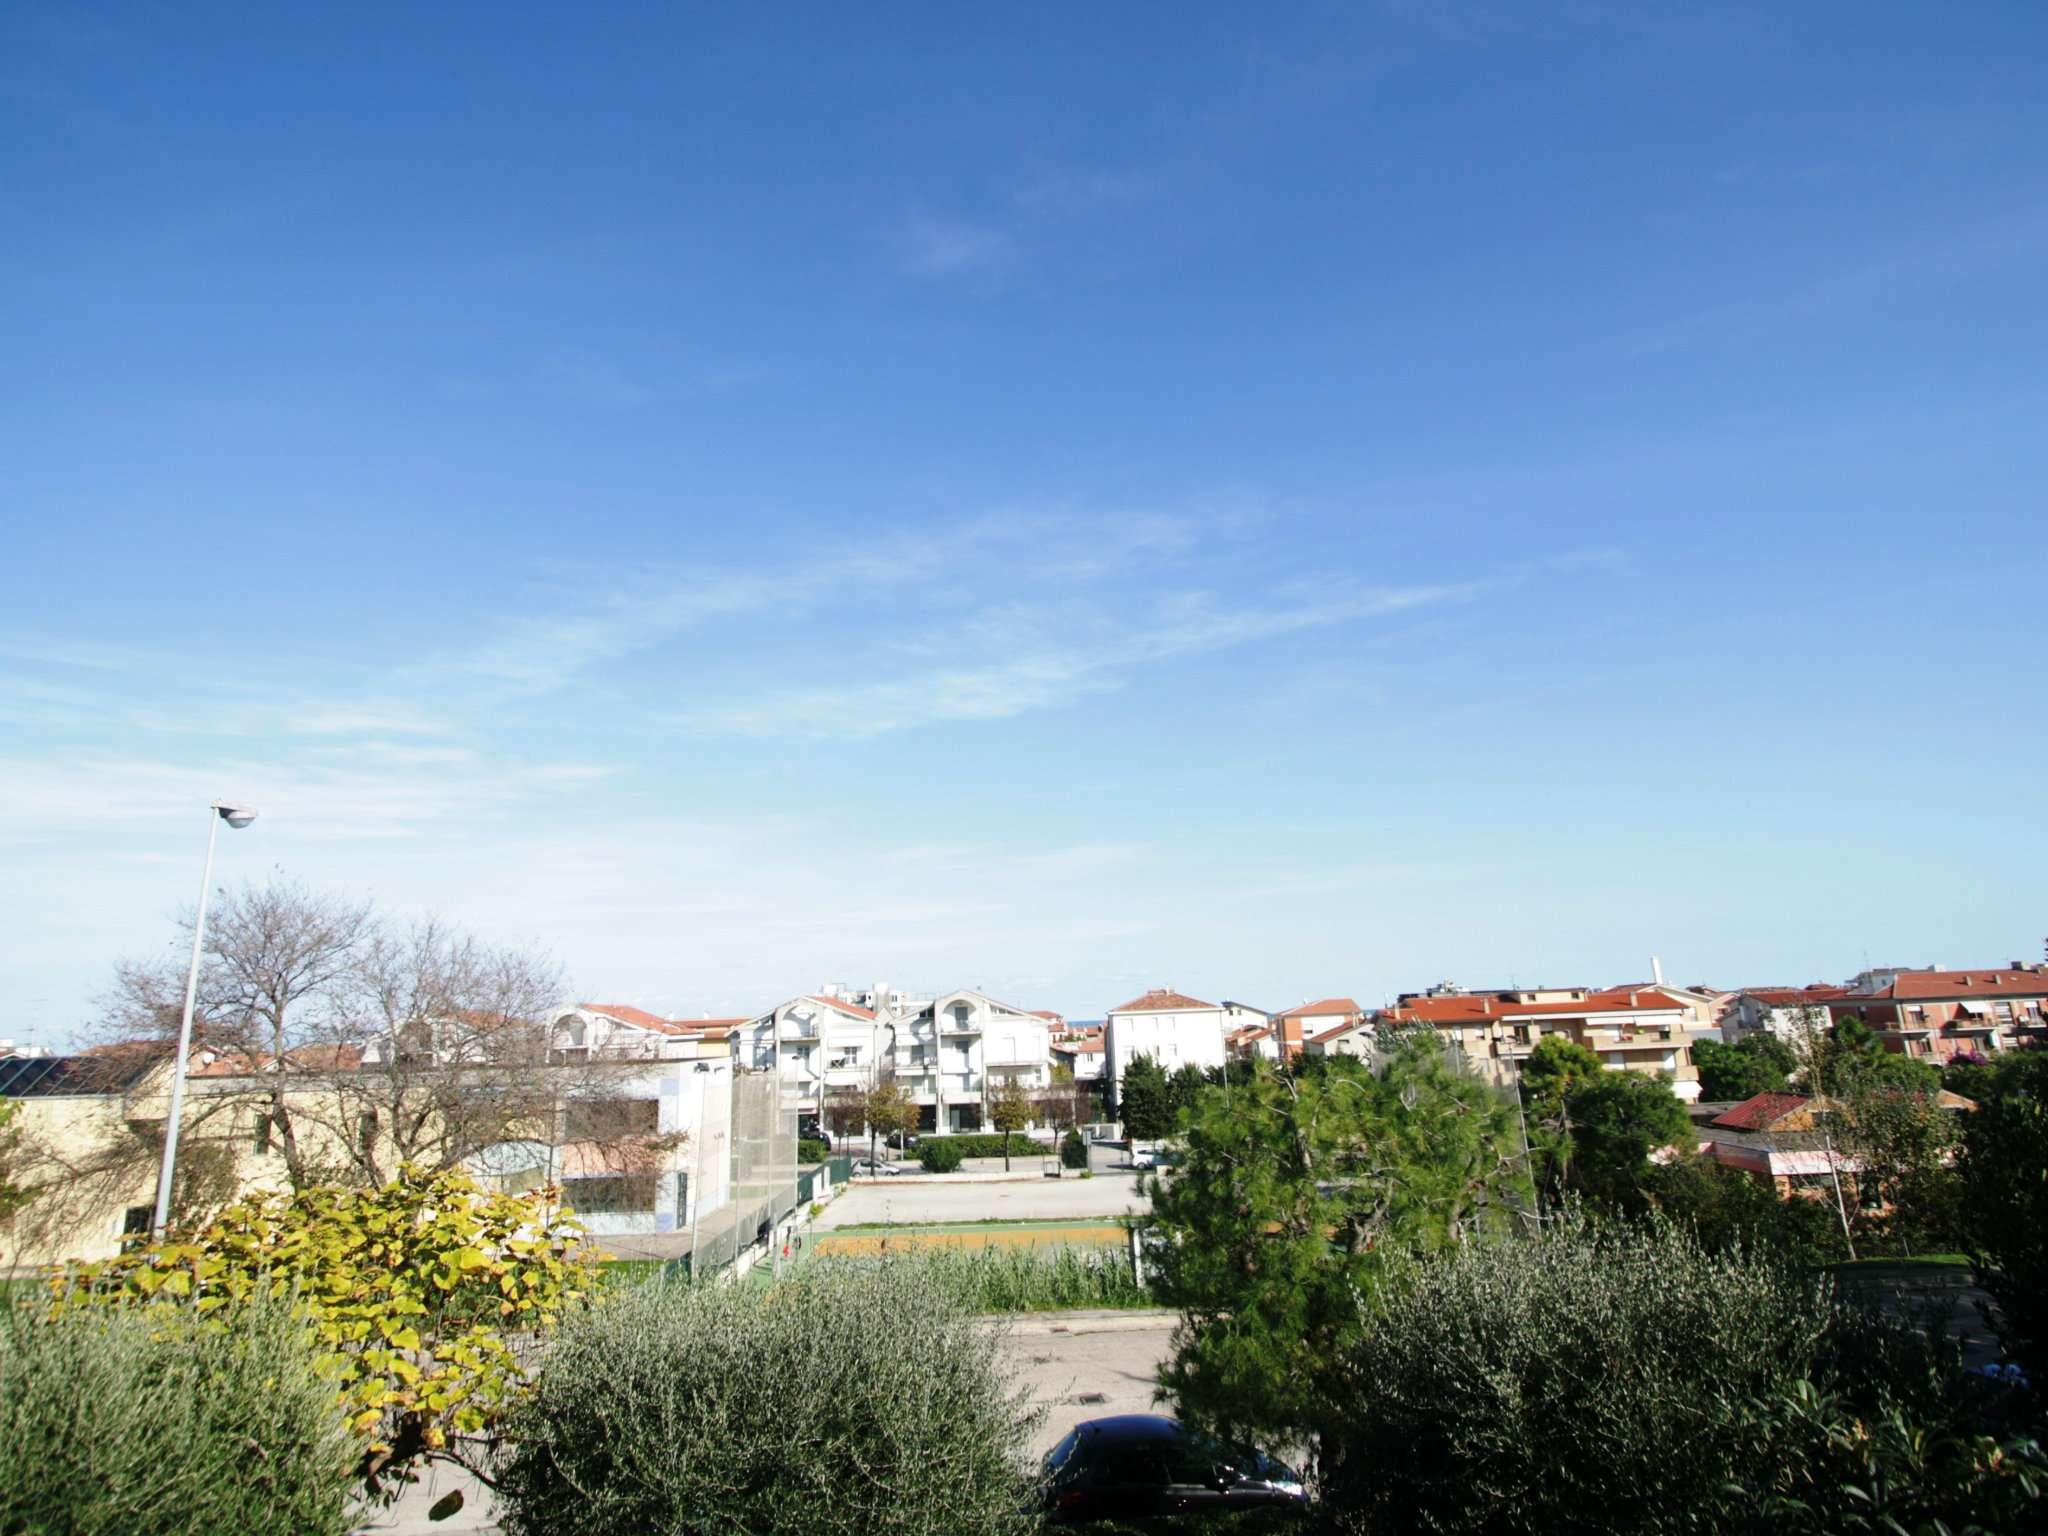 Soluzione Indipendente in vendita a Civitanova Marche, 5 locali, prezzo € 415.000   Cambio Casa.it